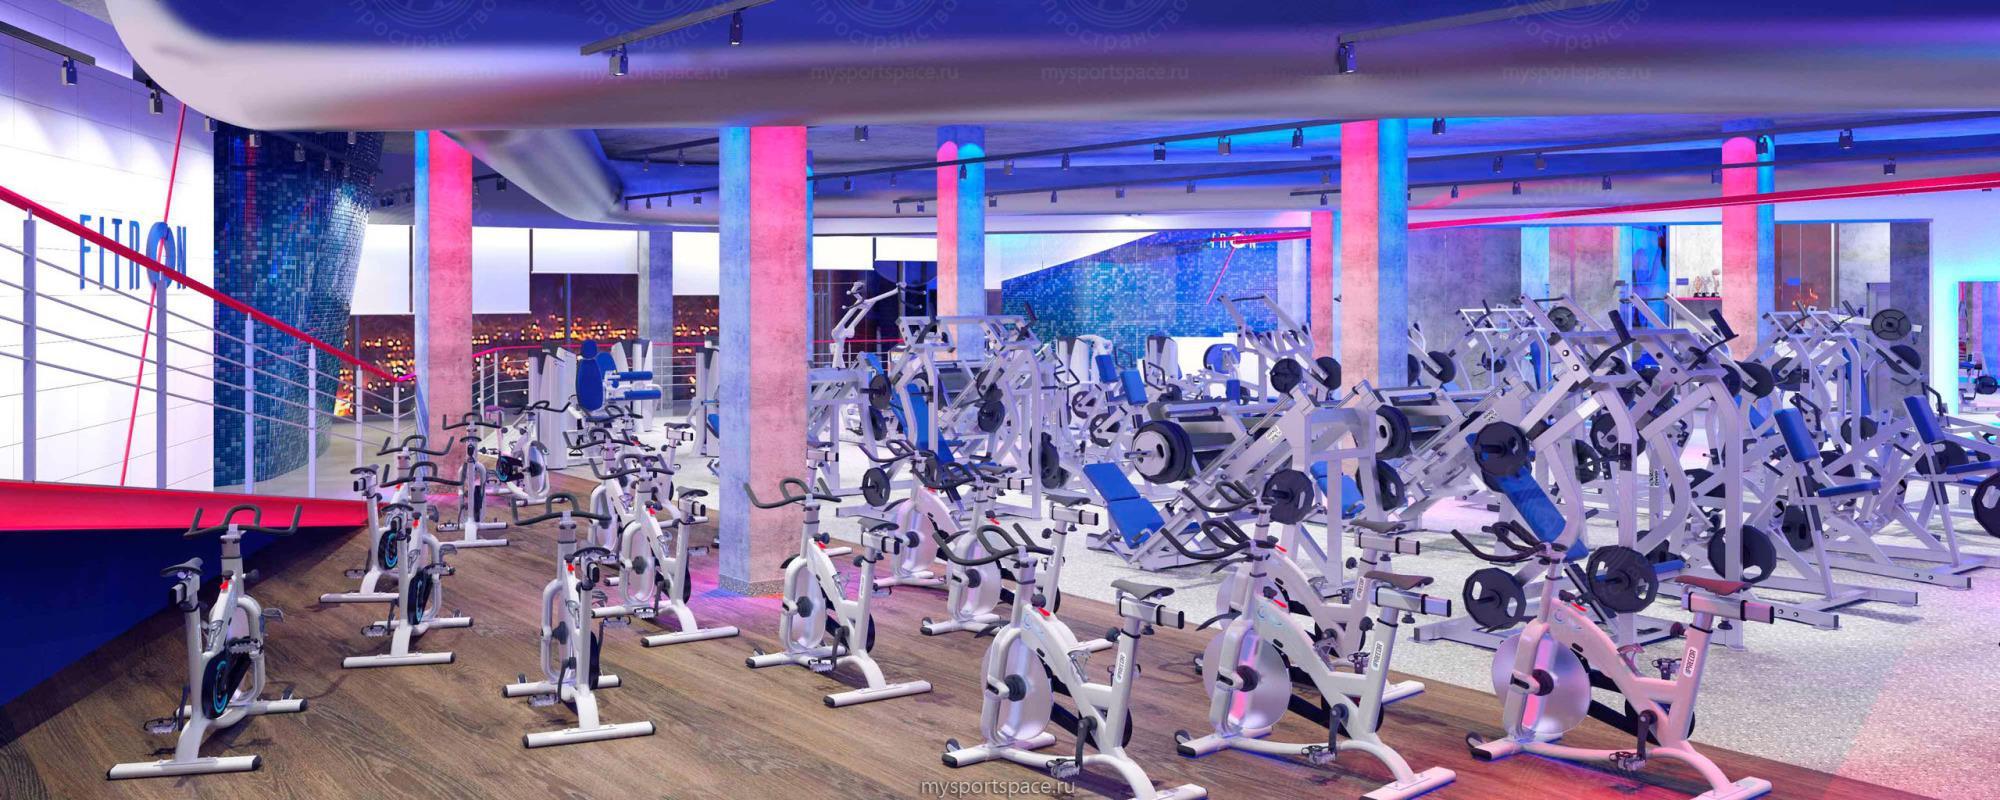 Силовые нагрузки – лишь один из видов занятий спортом в фитнес-клубе «Фитрон»